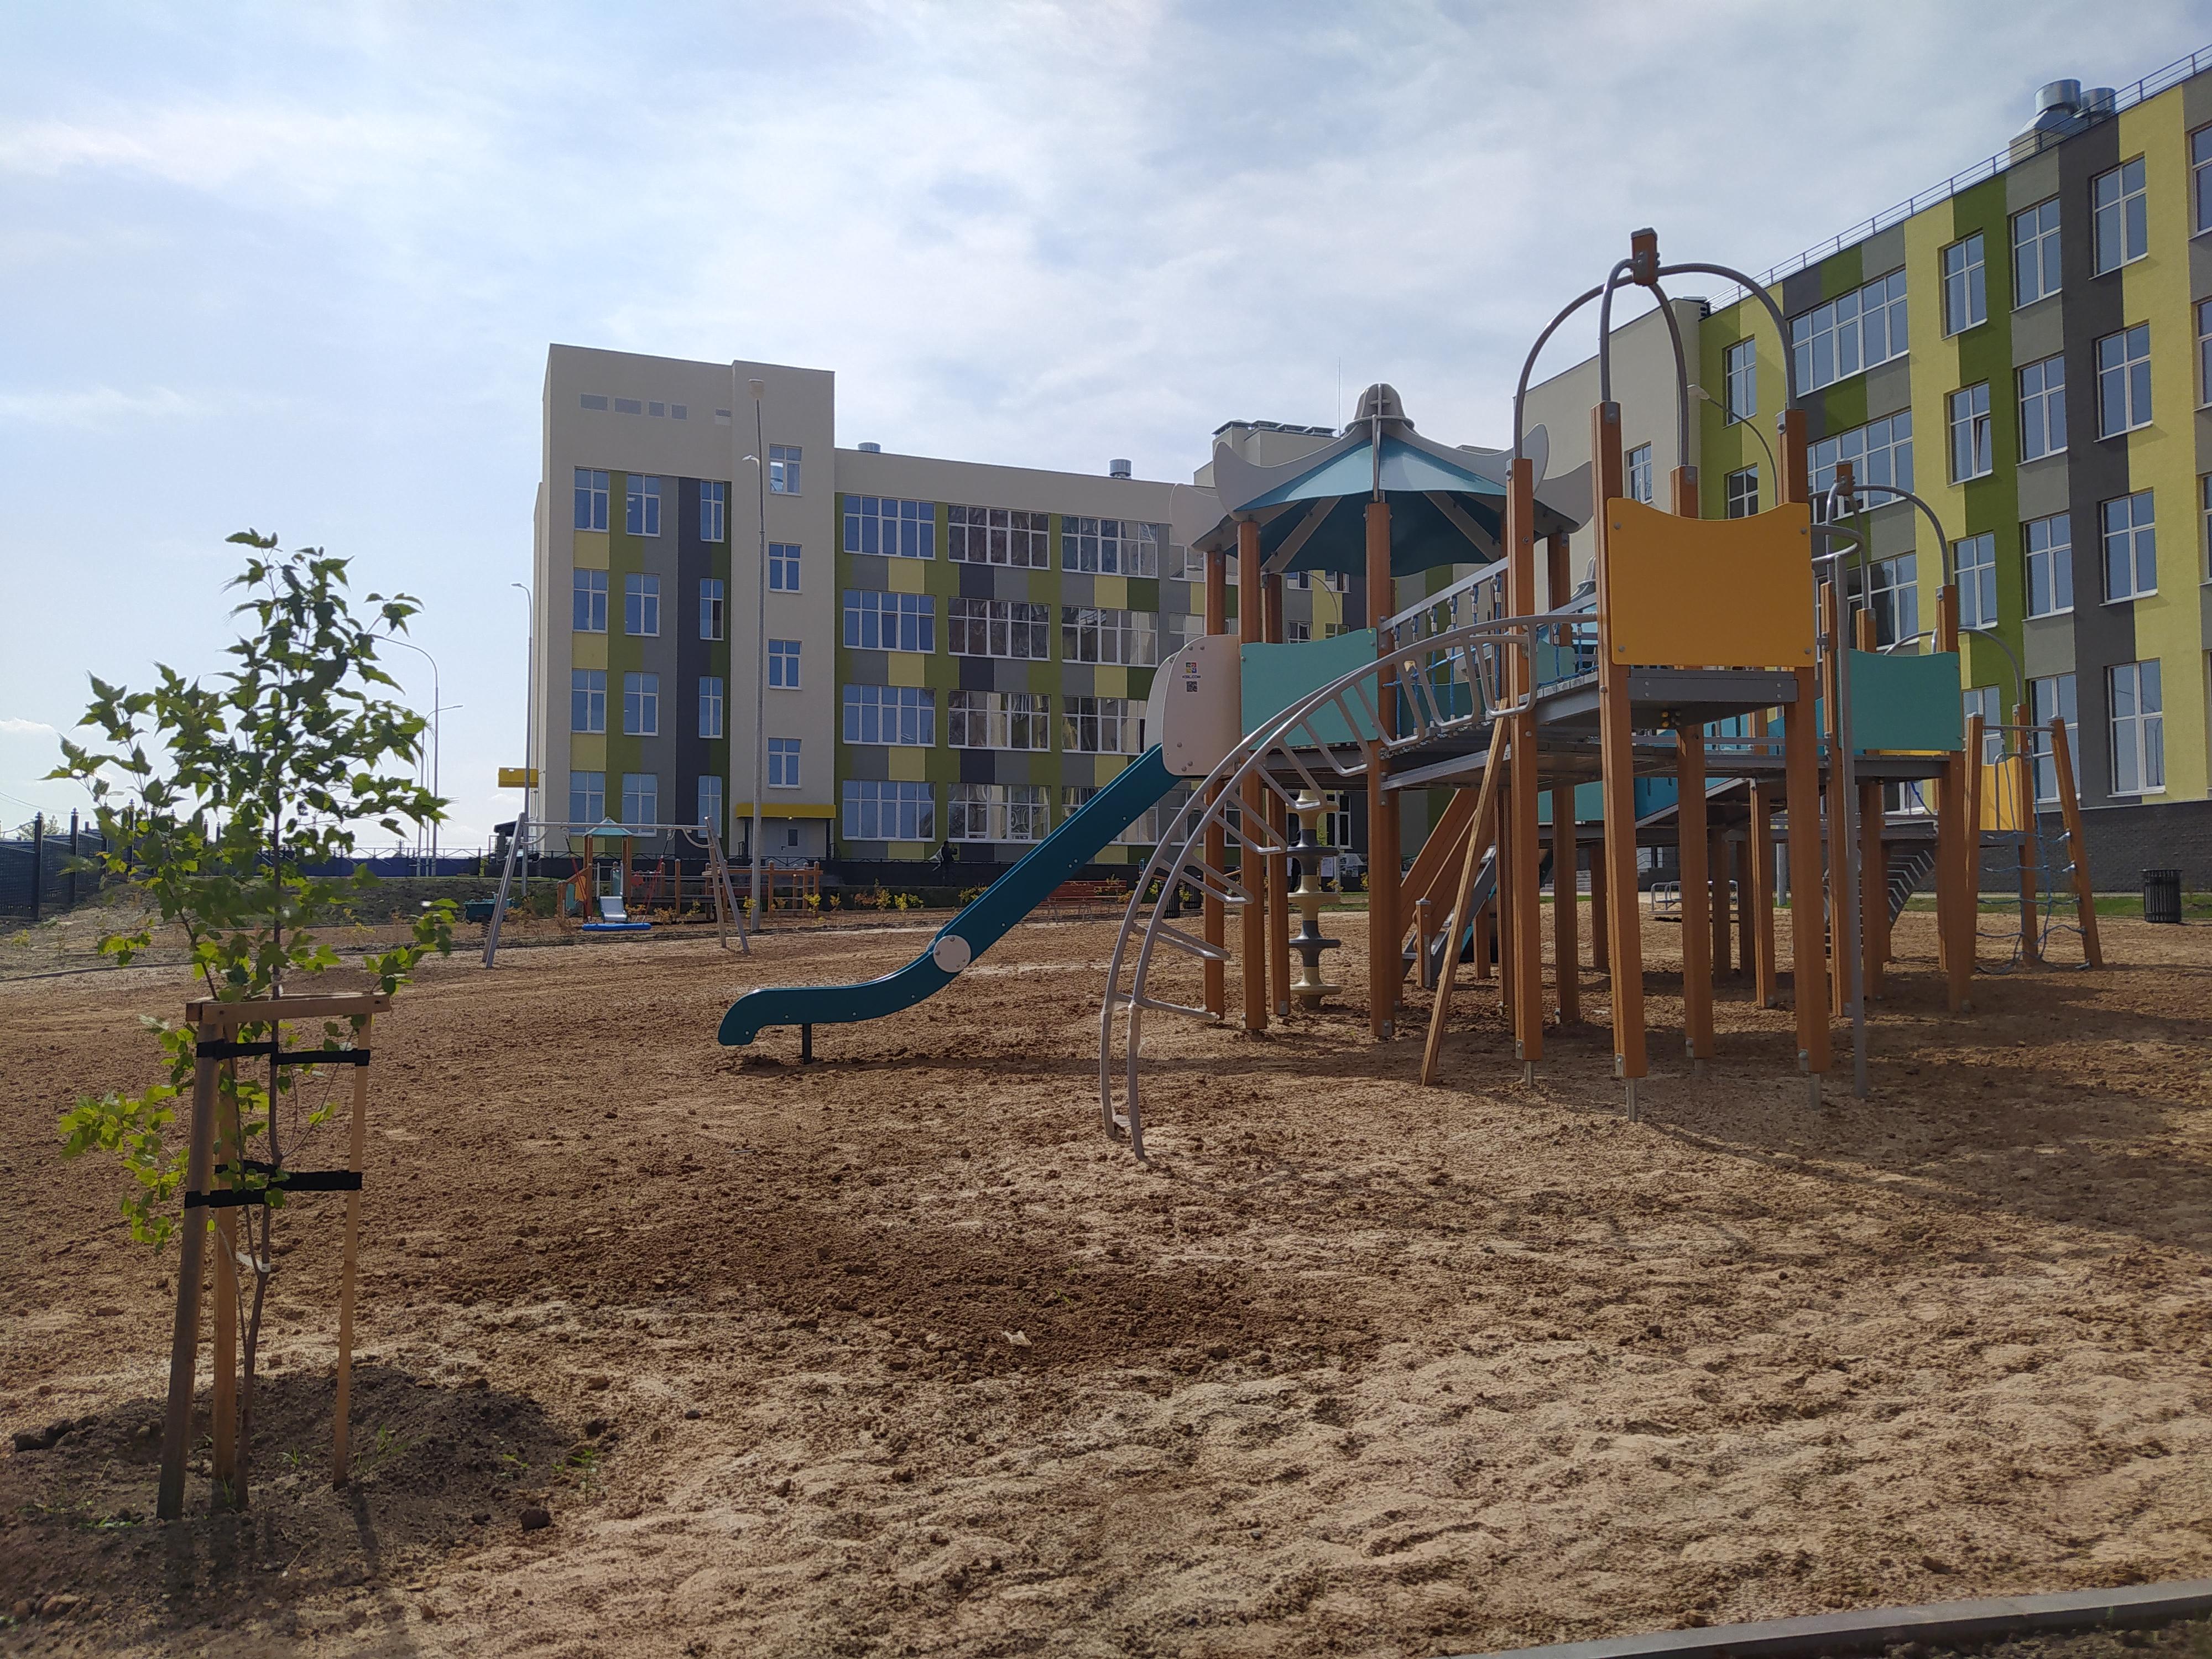 Нижегородские школьники разрабатывают проект «Школа-парк» - фото 1